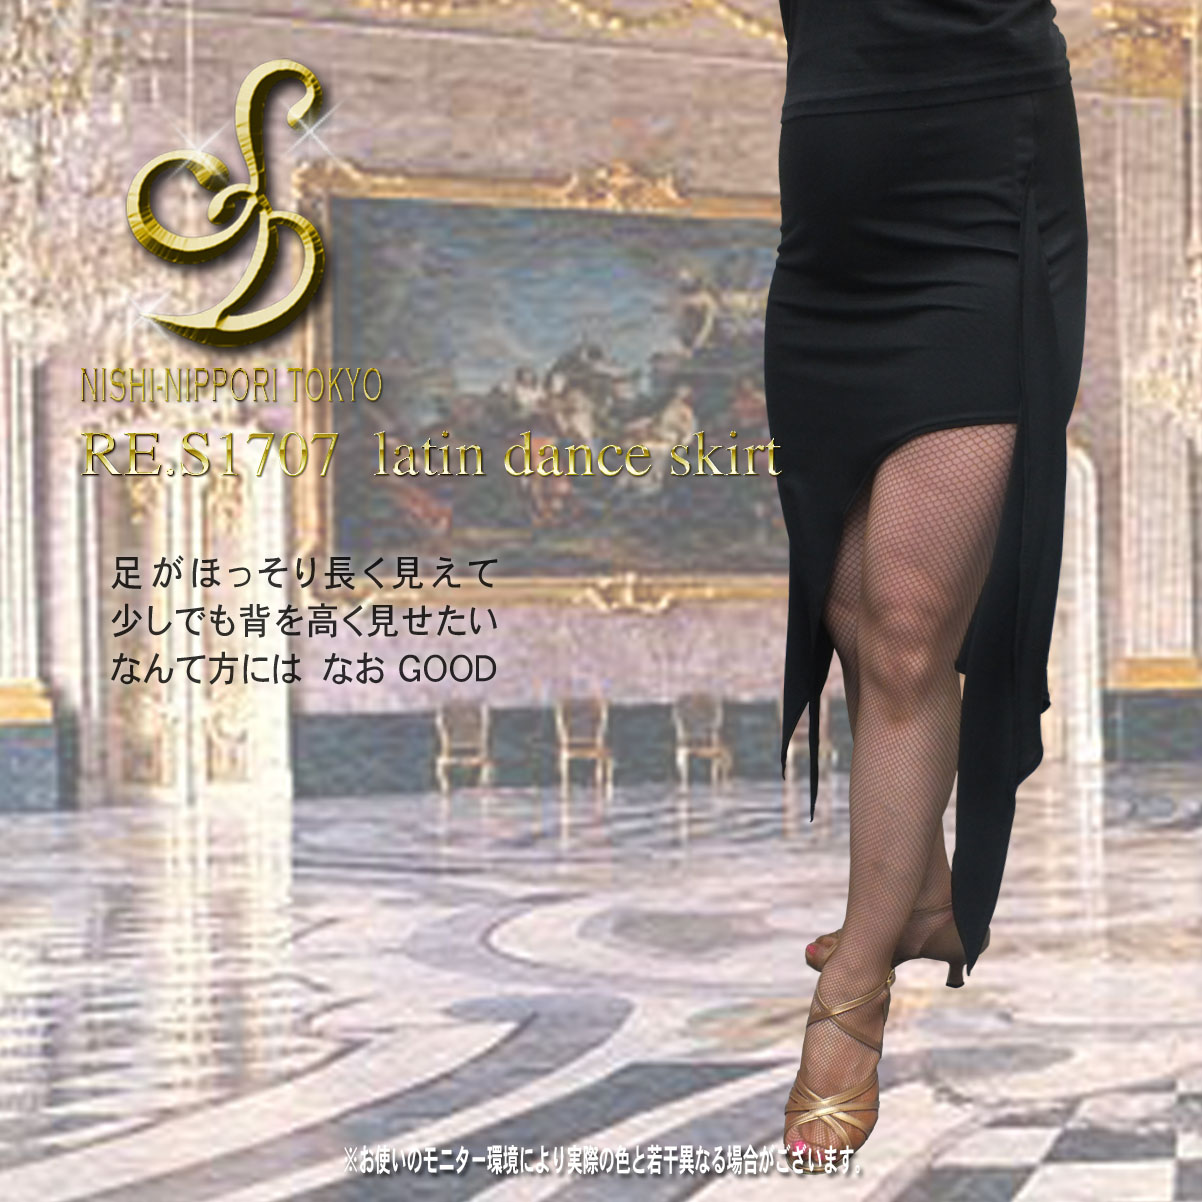 RE.S1707 ラテンスカート